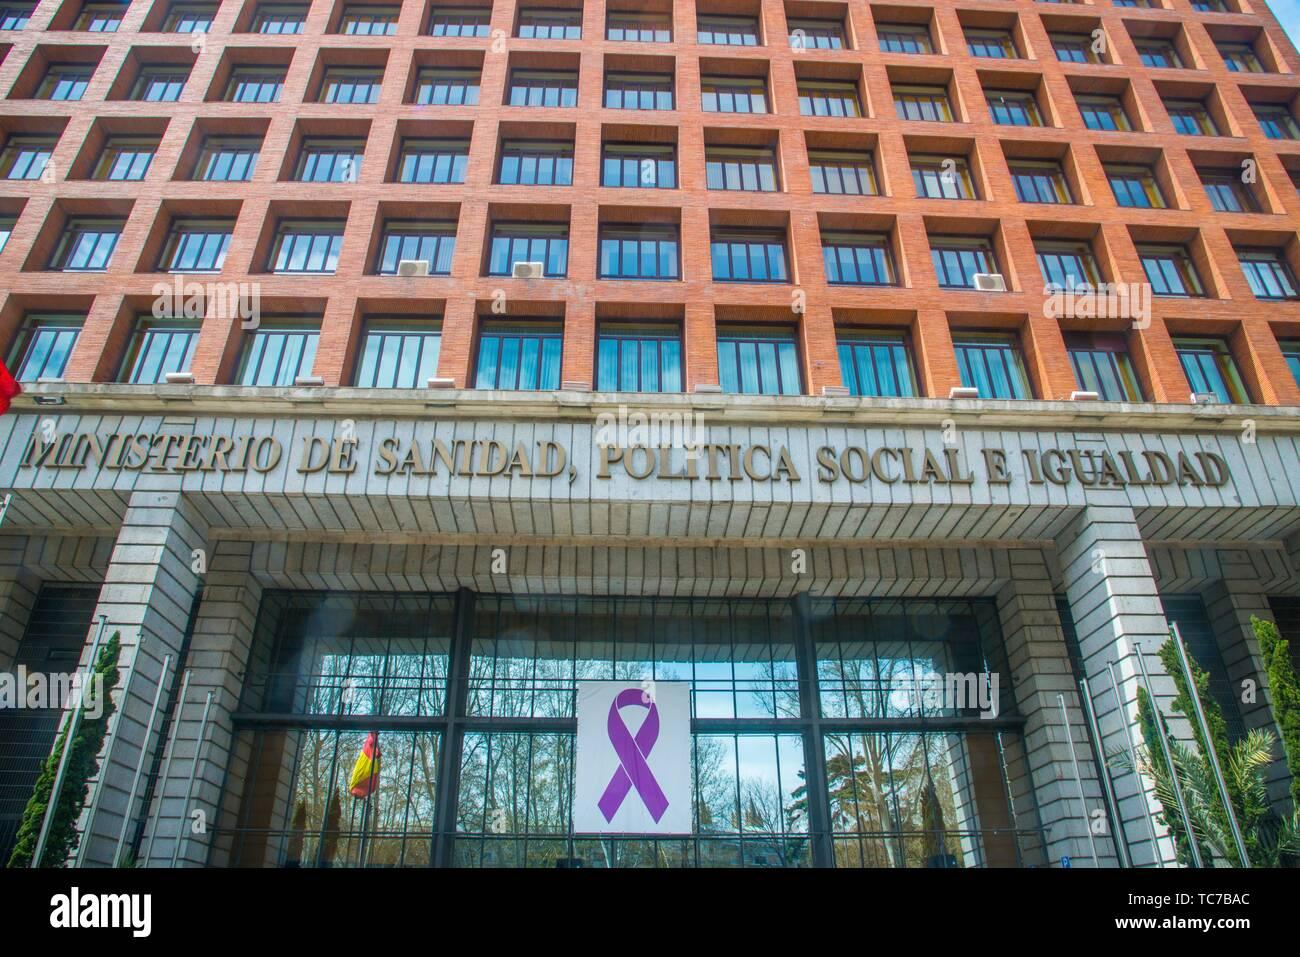 Facade of Sanidad, Politica Social e Igualdad Ministry, by Rafael Moneo. Paseo del Prado, Madrid, Spain. - Stock Image